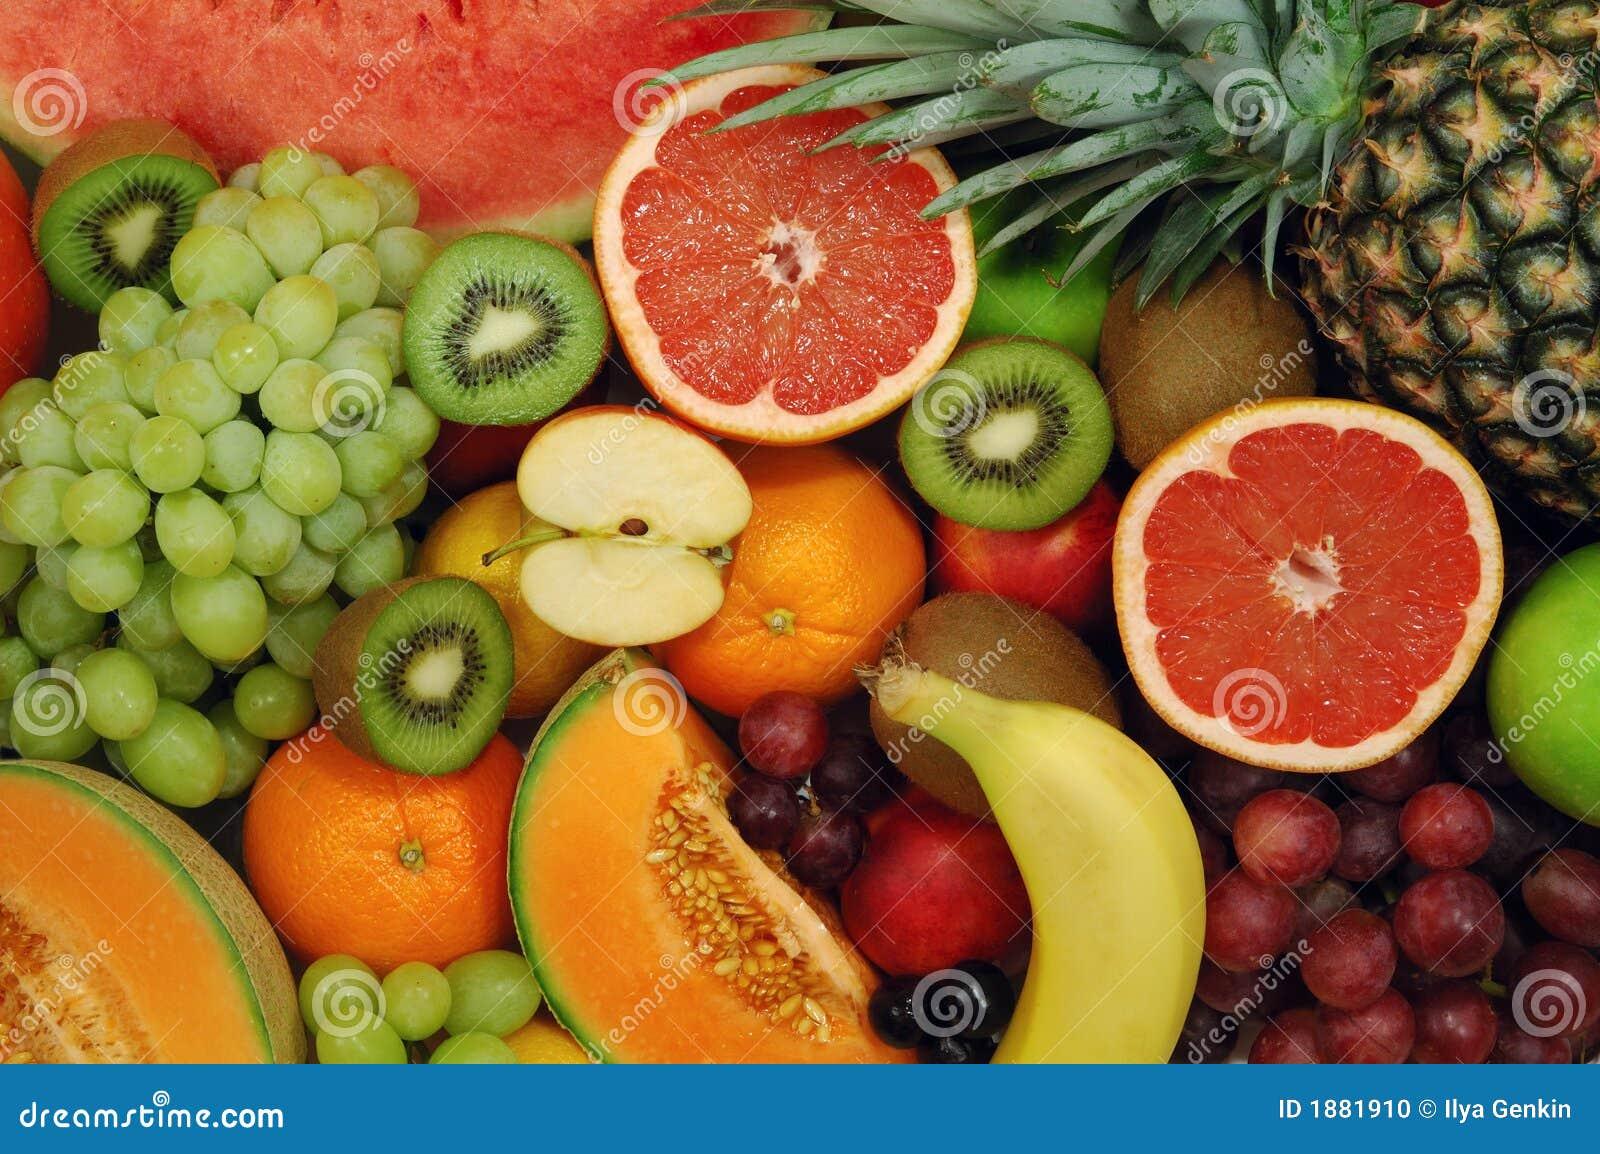 Fruits 09